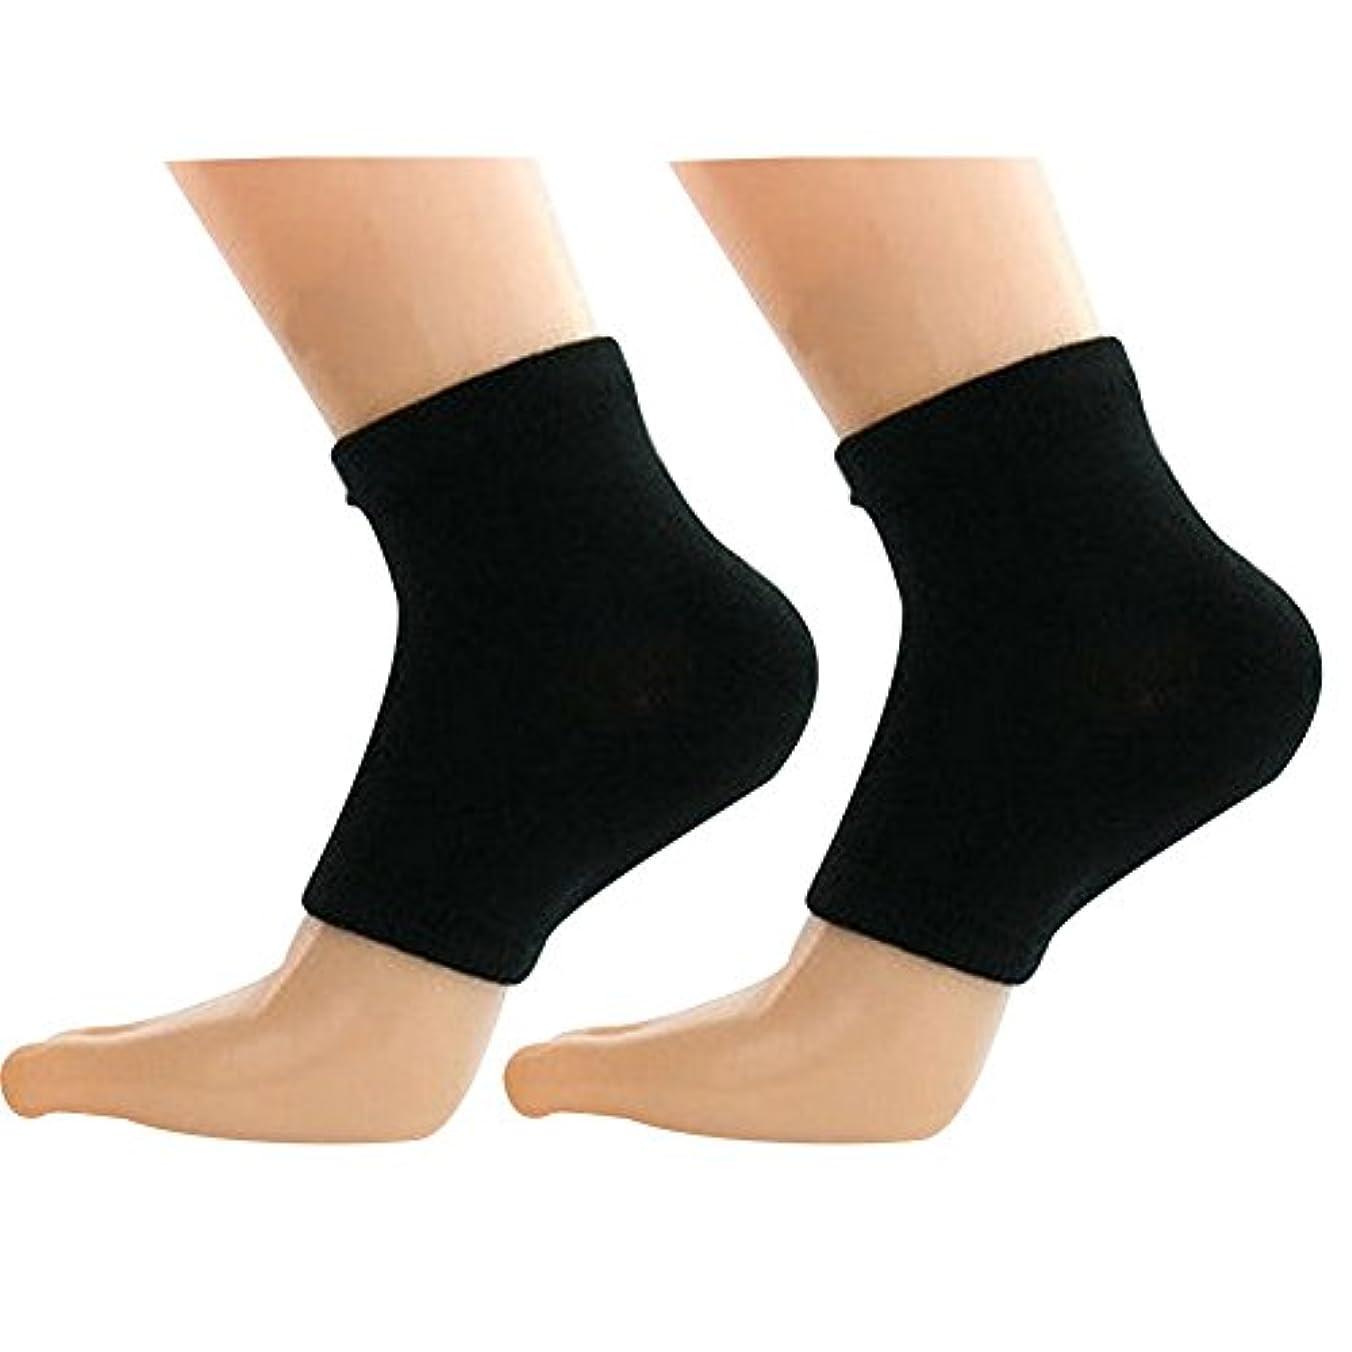 日光波紋法廷QIAONAI レディース用 メンズ用 踵用カバー かかと 靴下 かかと ケア つるつる すべすべ 靴下 ソックス 角質ケア 保湿 角質除去 足ケア かかと 靴下 足首用サポーター  フリーサイズ (ブラック)